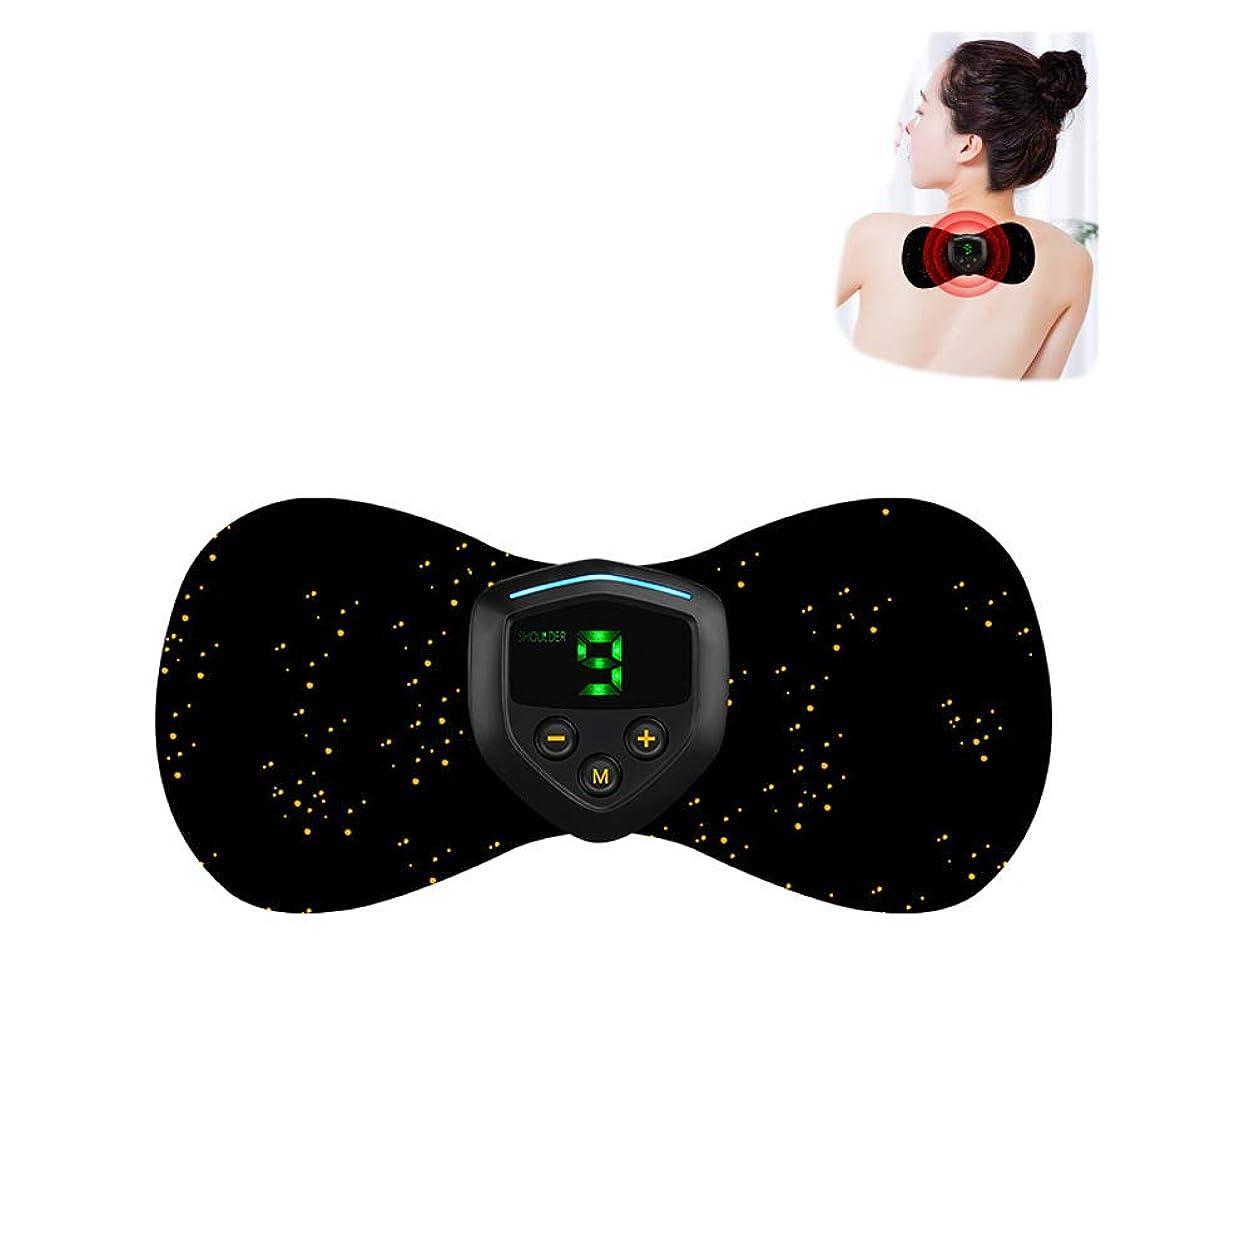 負荷大いにプレフィックス最も快適なミニスマートマッサージステッカーEMS電気療法器具の肩、首の肩のマッサージ,Black